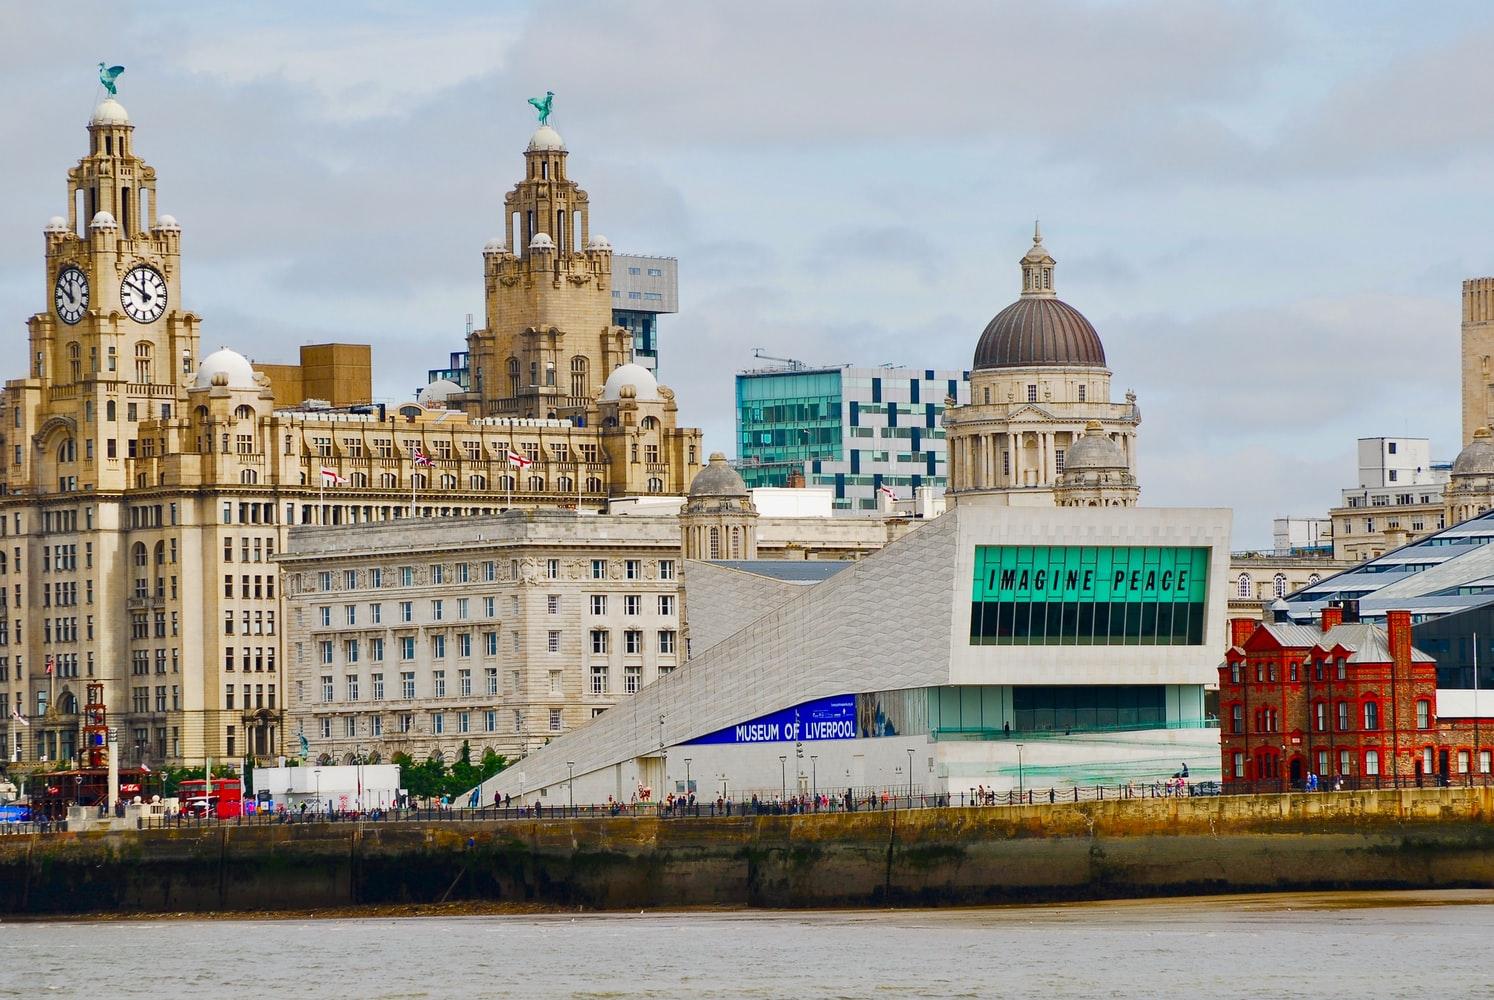 O que visitar em Liverpool